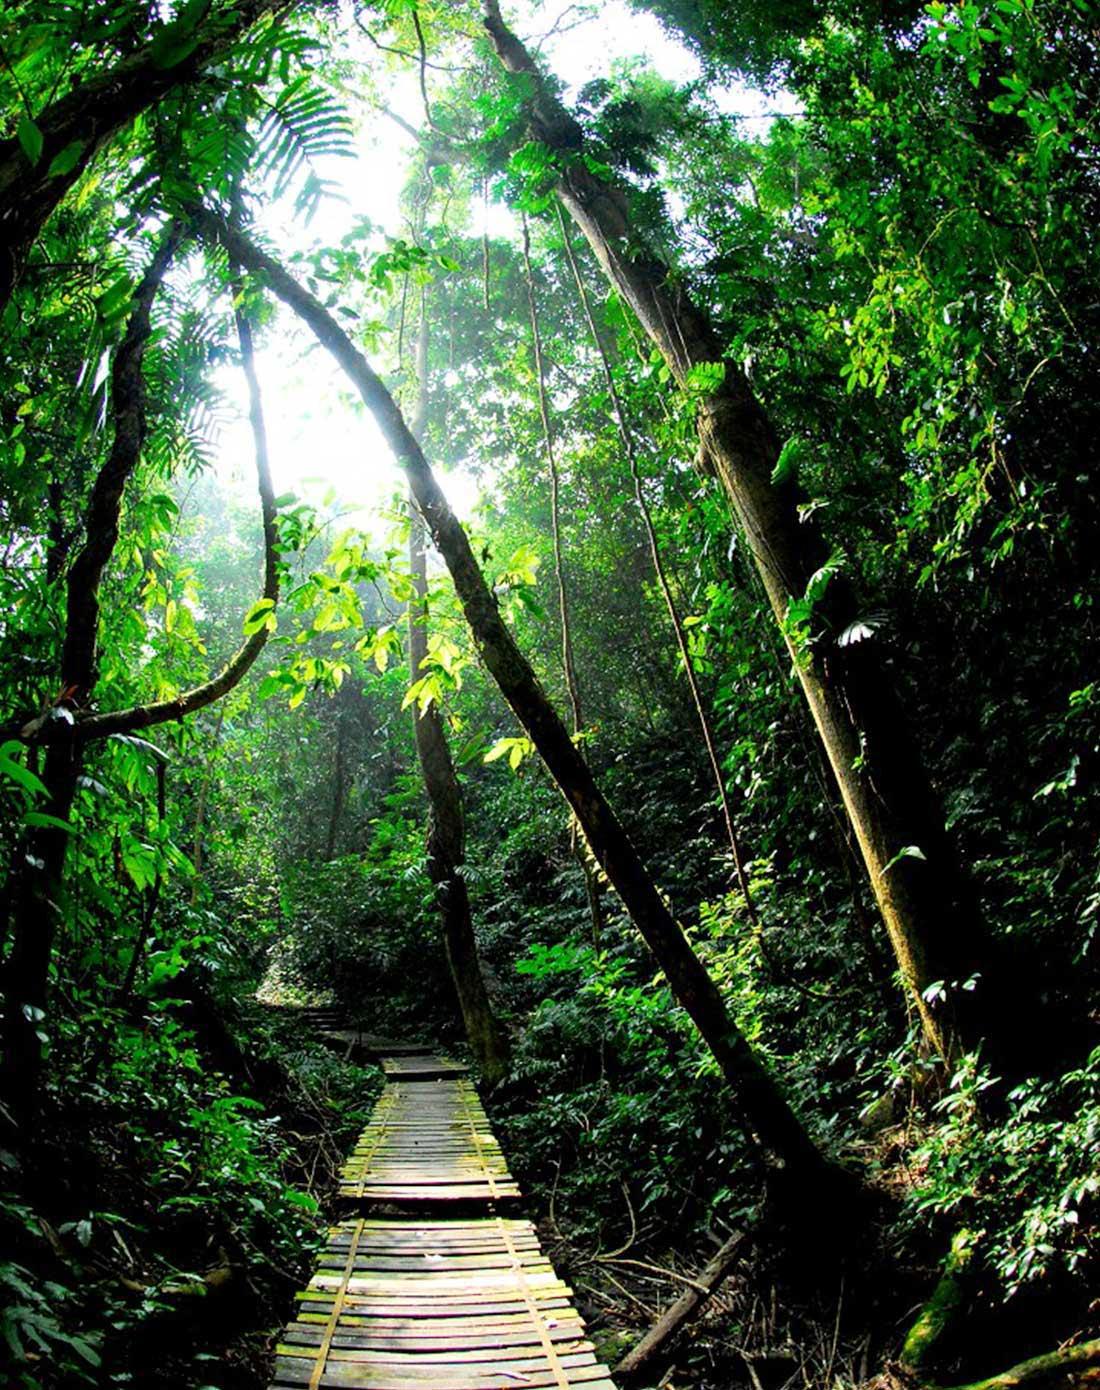 昆明直飞西双版纳,望天树热带雨林,野象谷6天5晚品质游(全程五星酒店